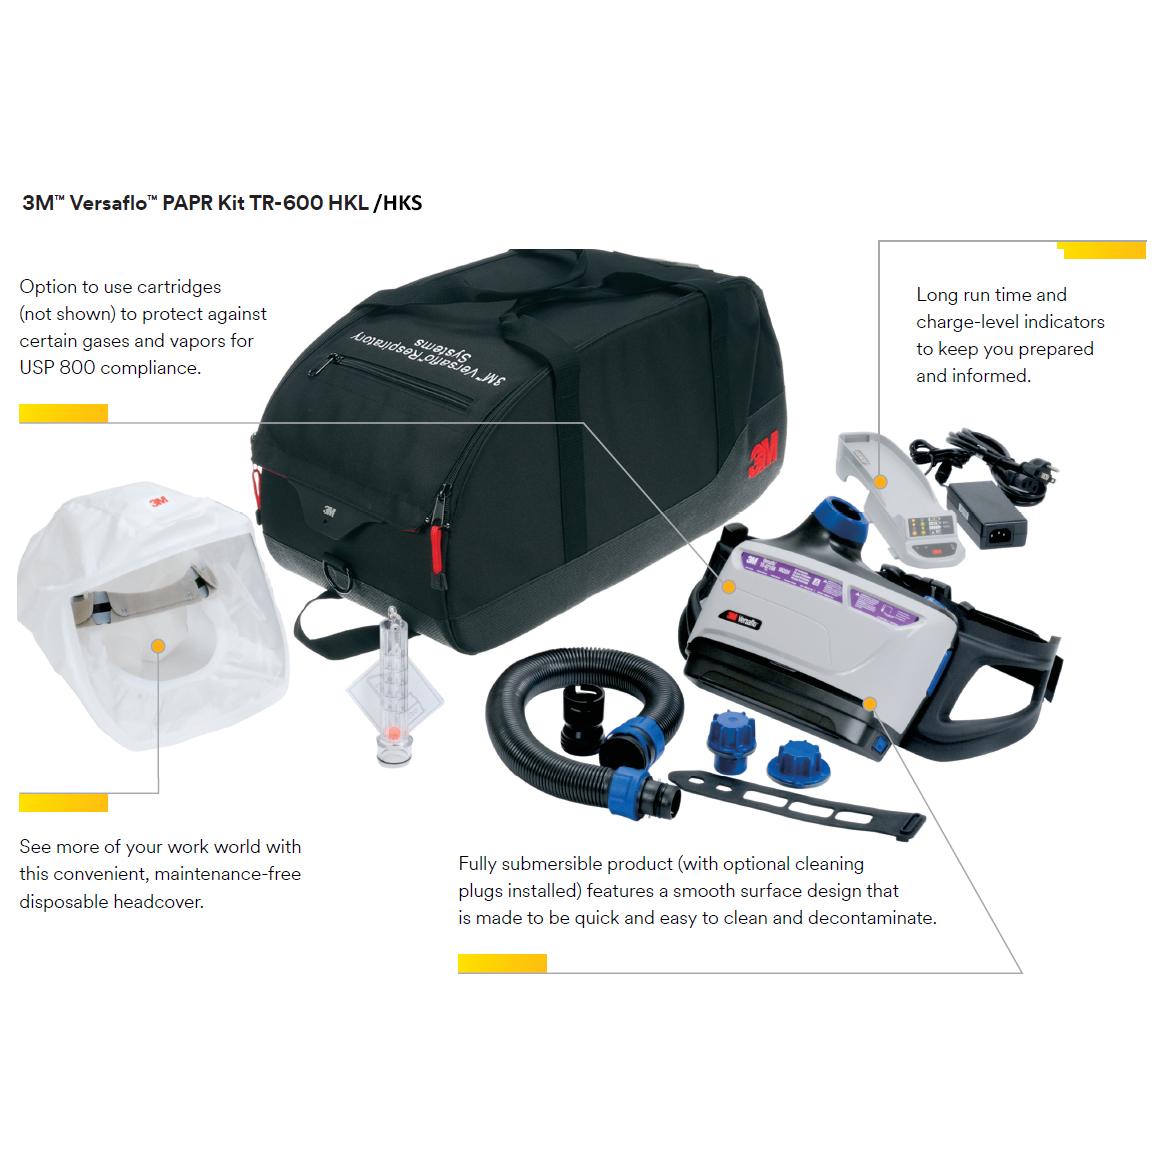 3M Versaflo TR-600 PAPR Kit details image